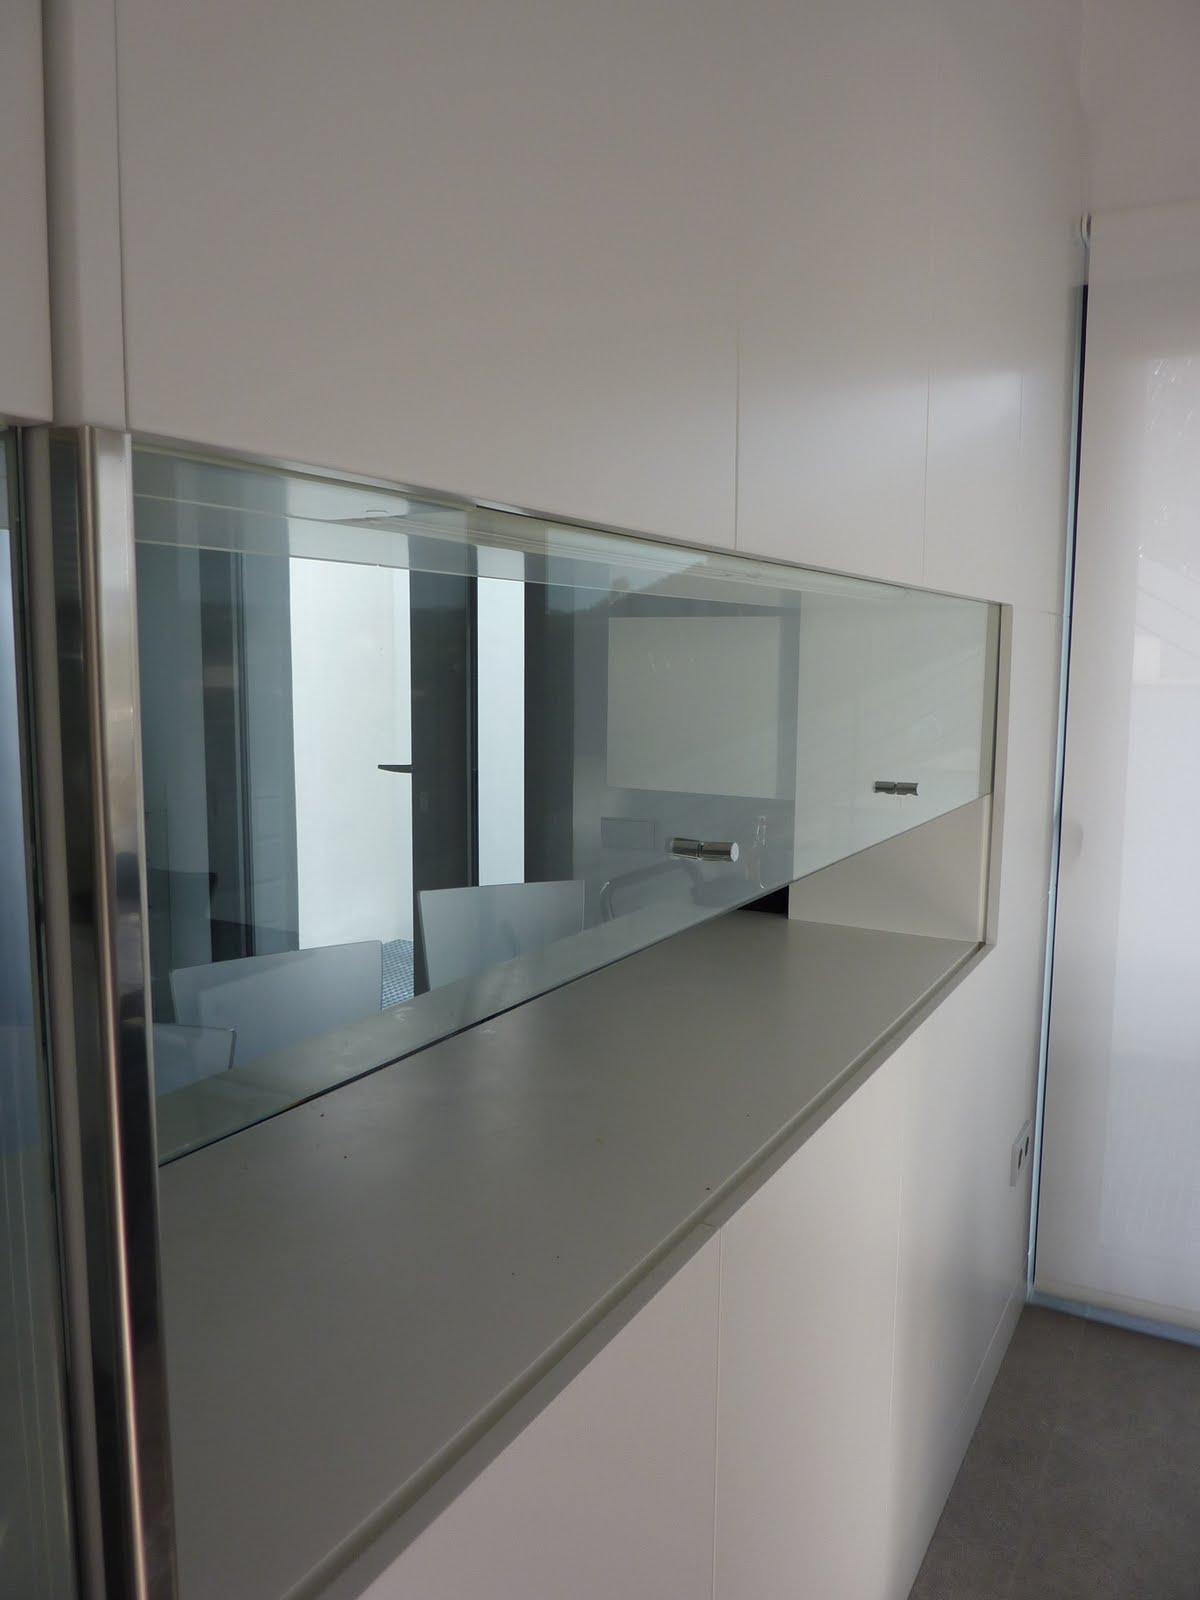 Carpinteria muebles a medida puerta guillotina en cristal for Puerta guillotina